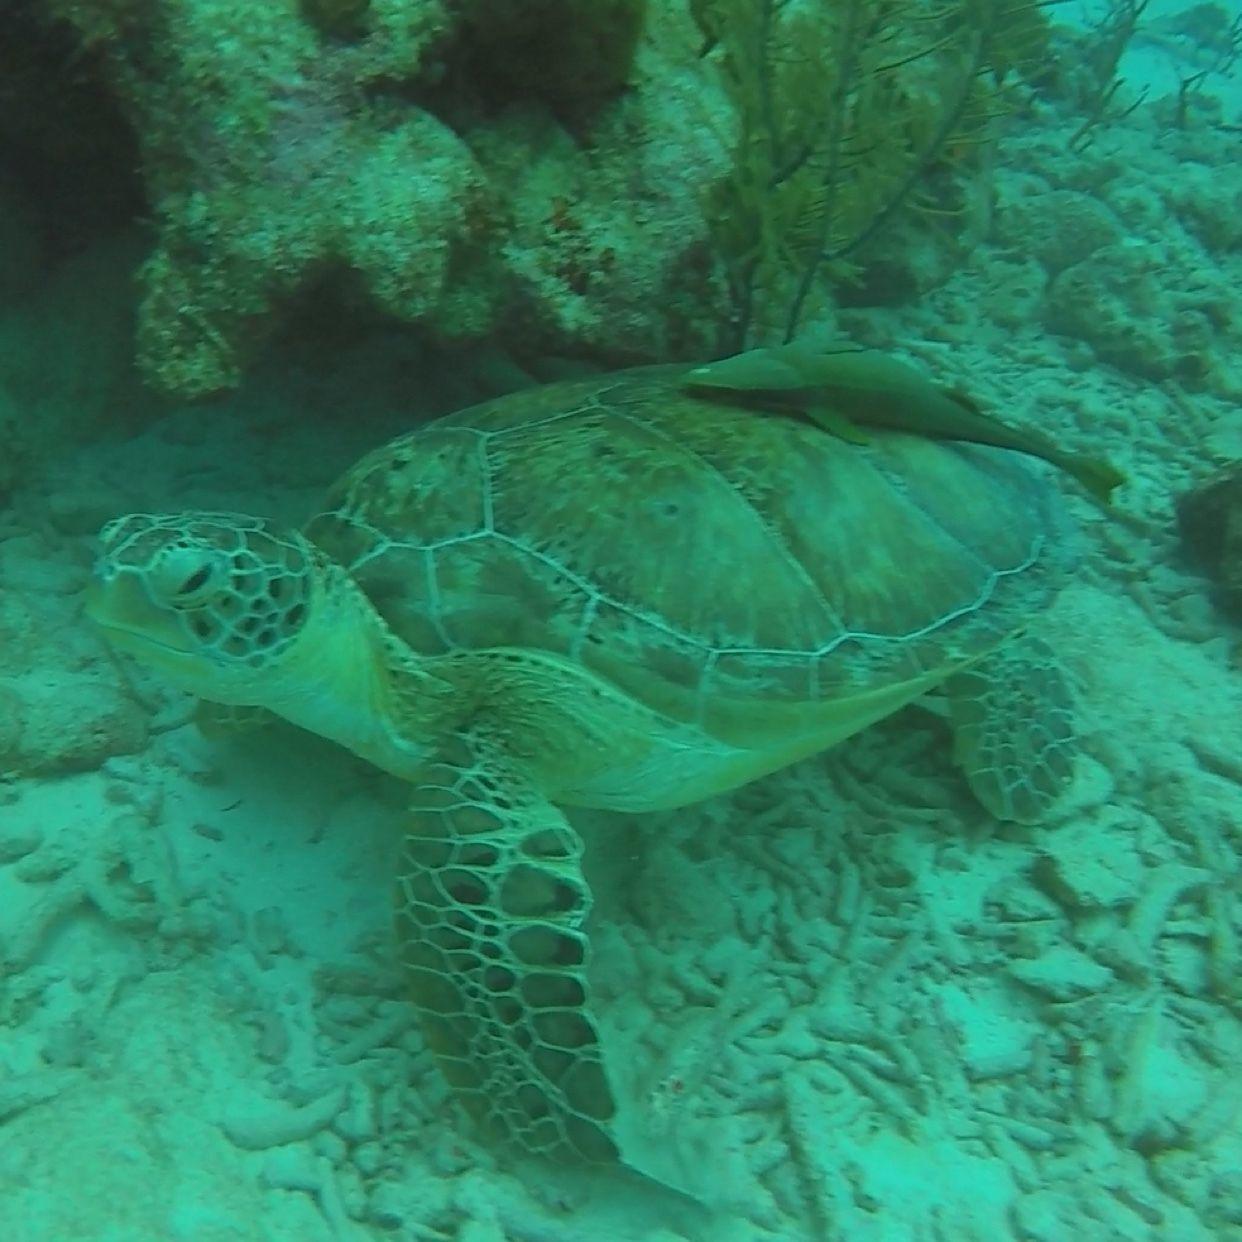 Frank R Scuba Connection Dive Team Bergenfield Nj Meetup